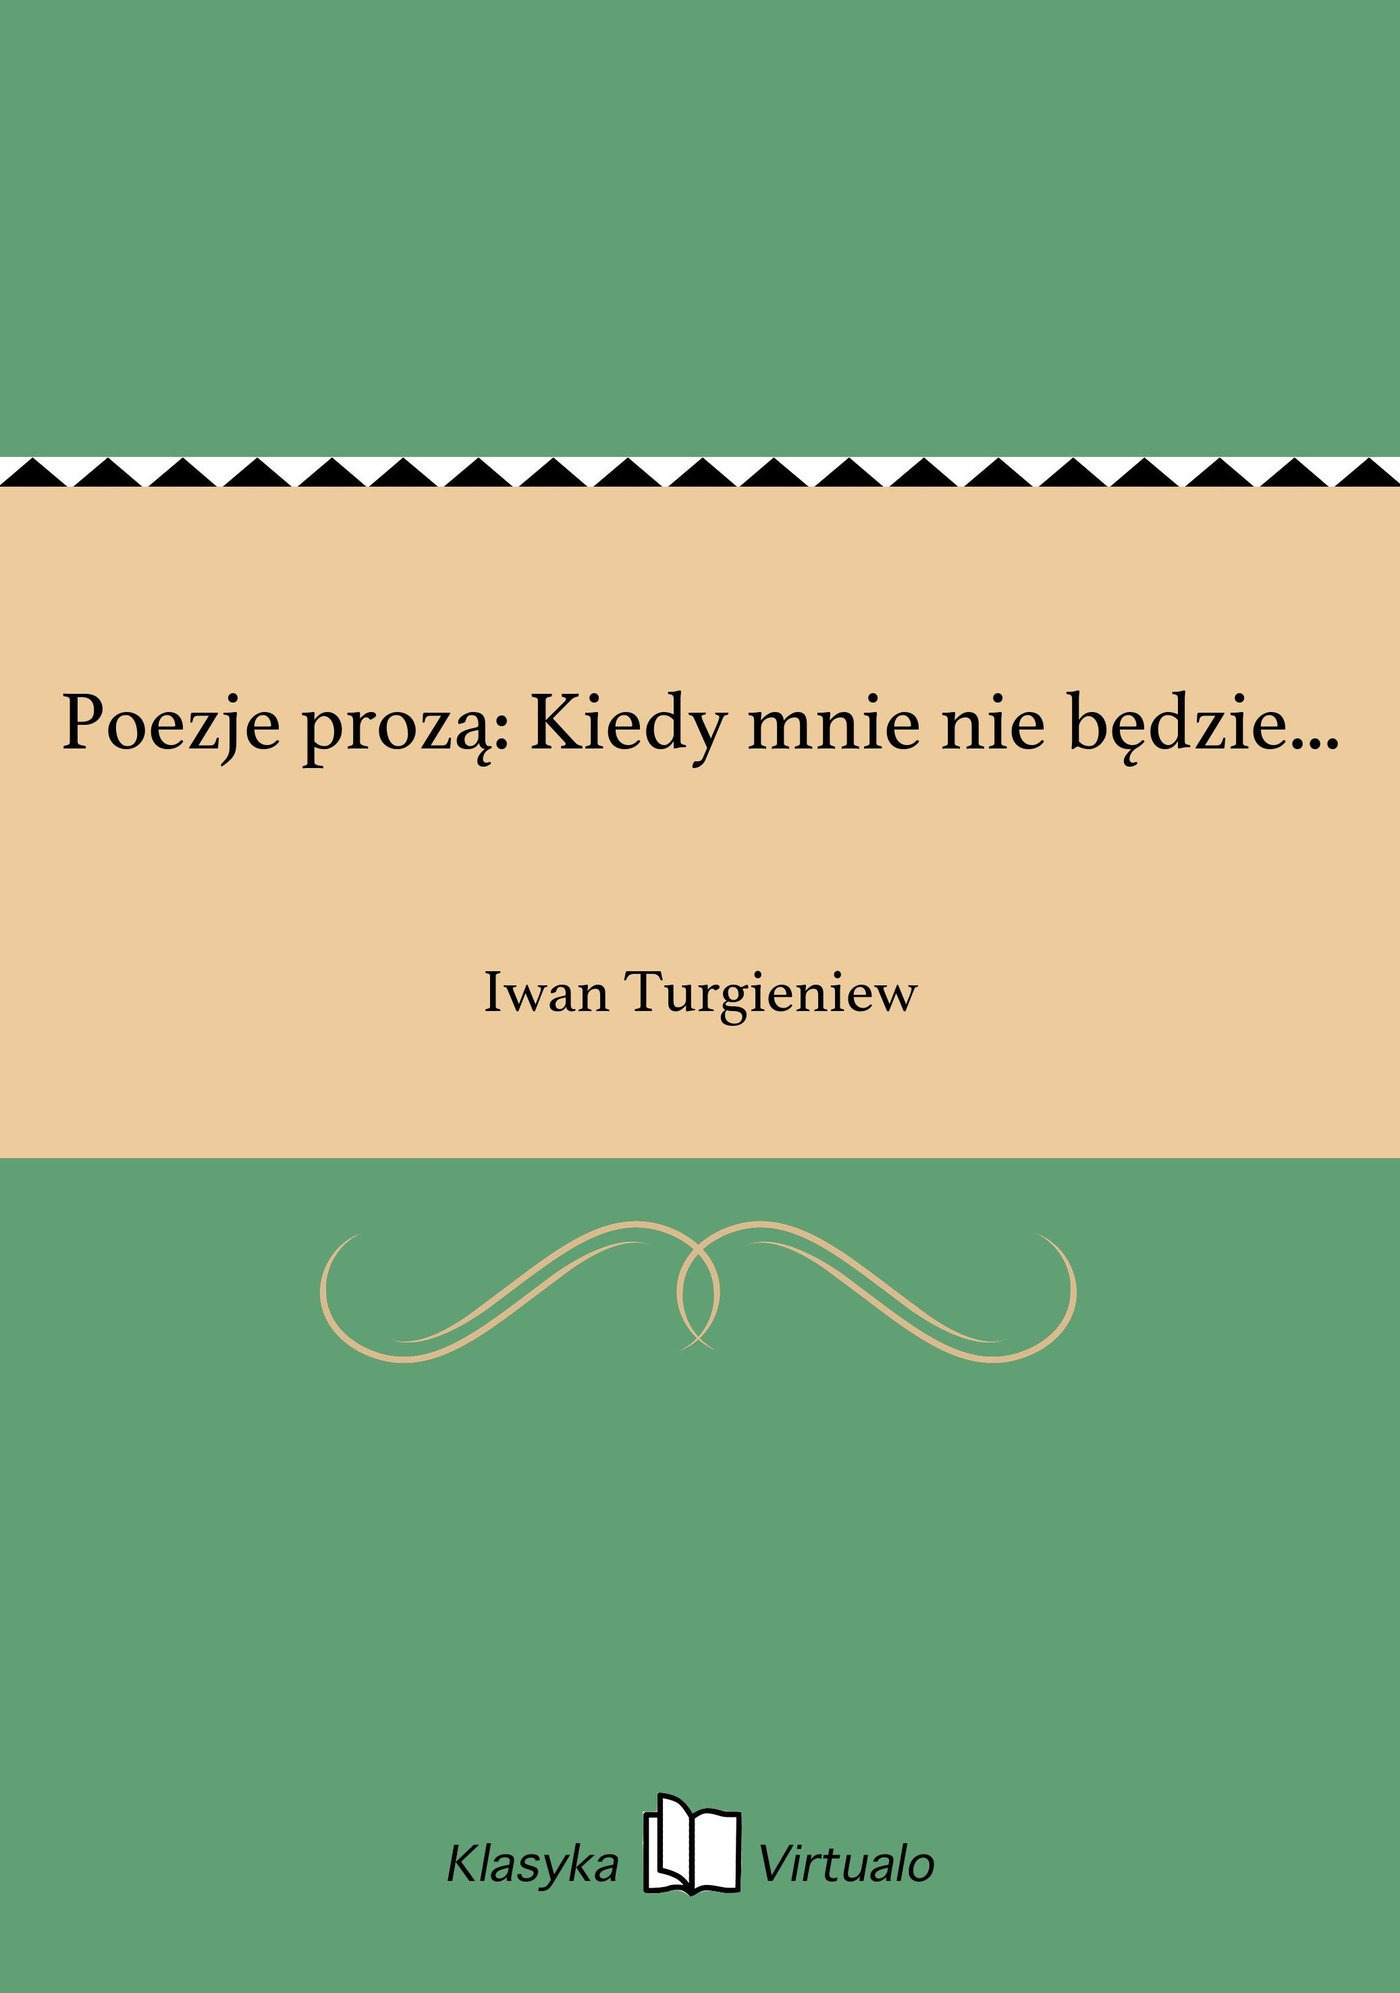 Poezje prozą: Kiedy mnie nie będzie... - Ebook (Książka EPUB) do pobrania w formacie EPUB